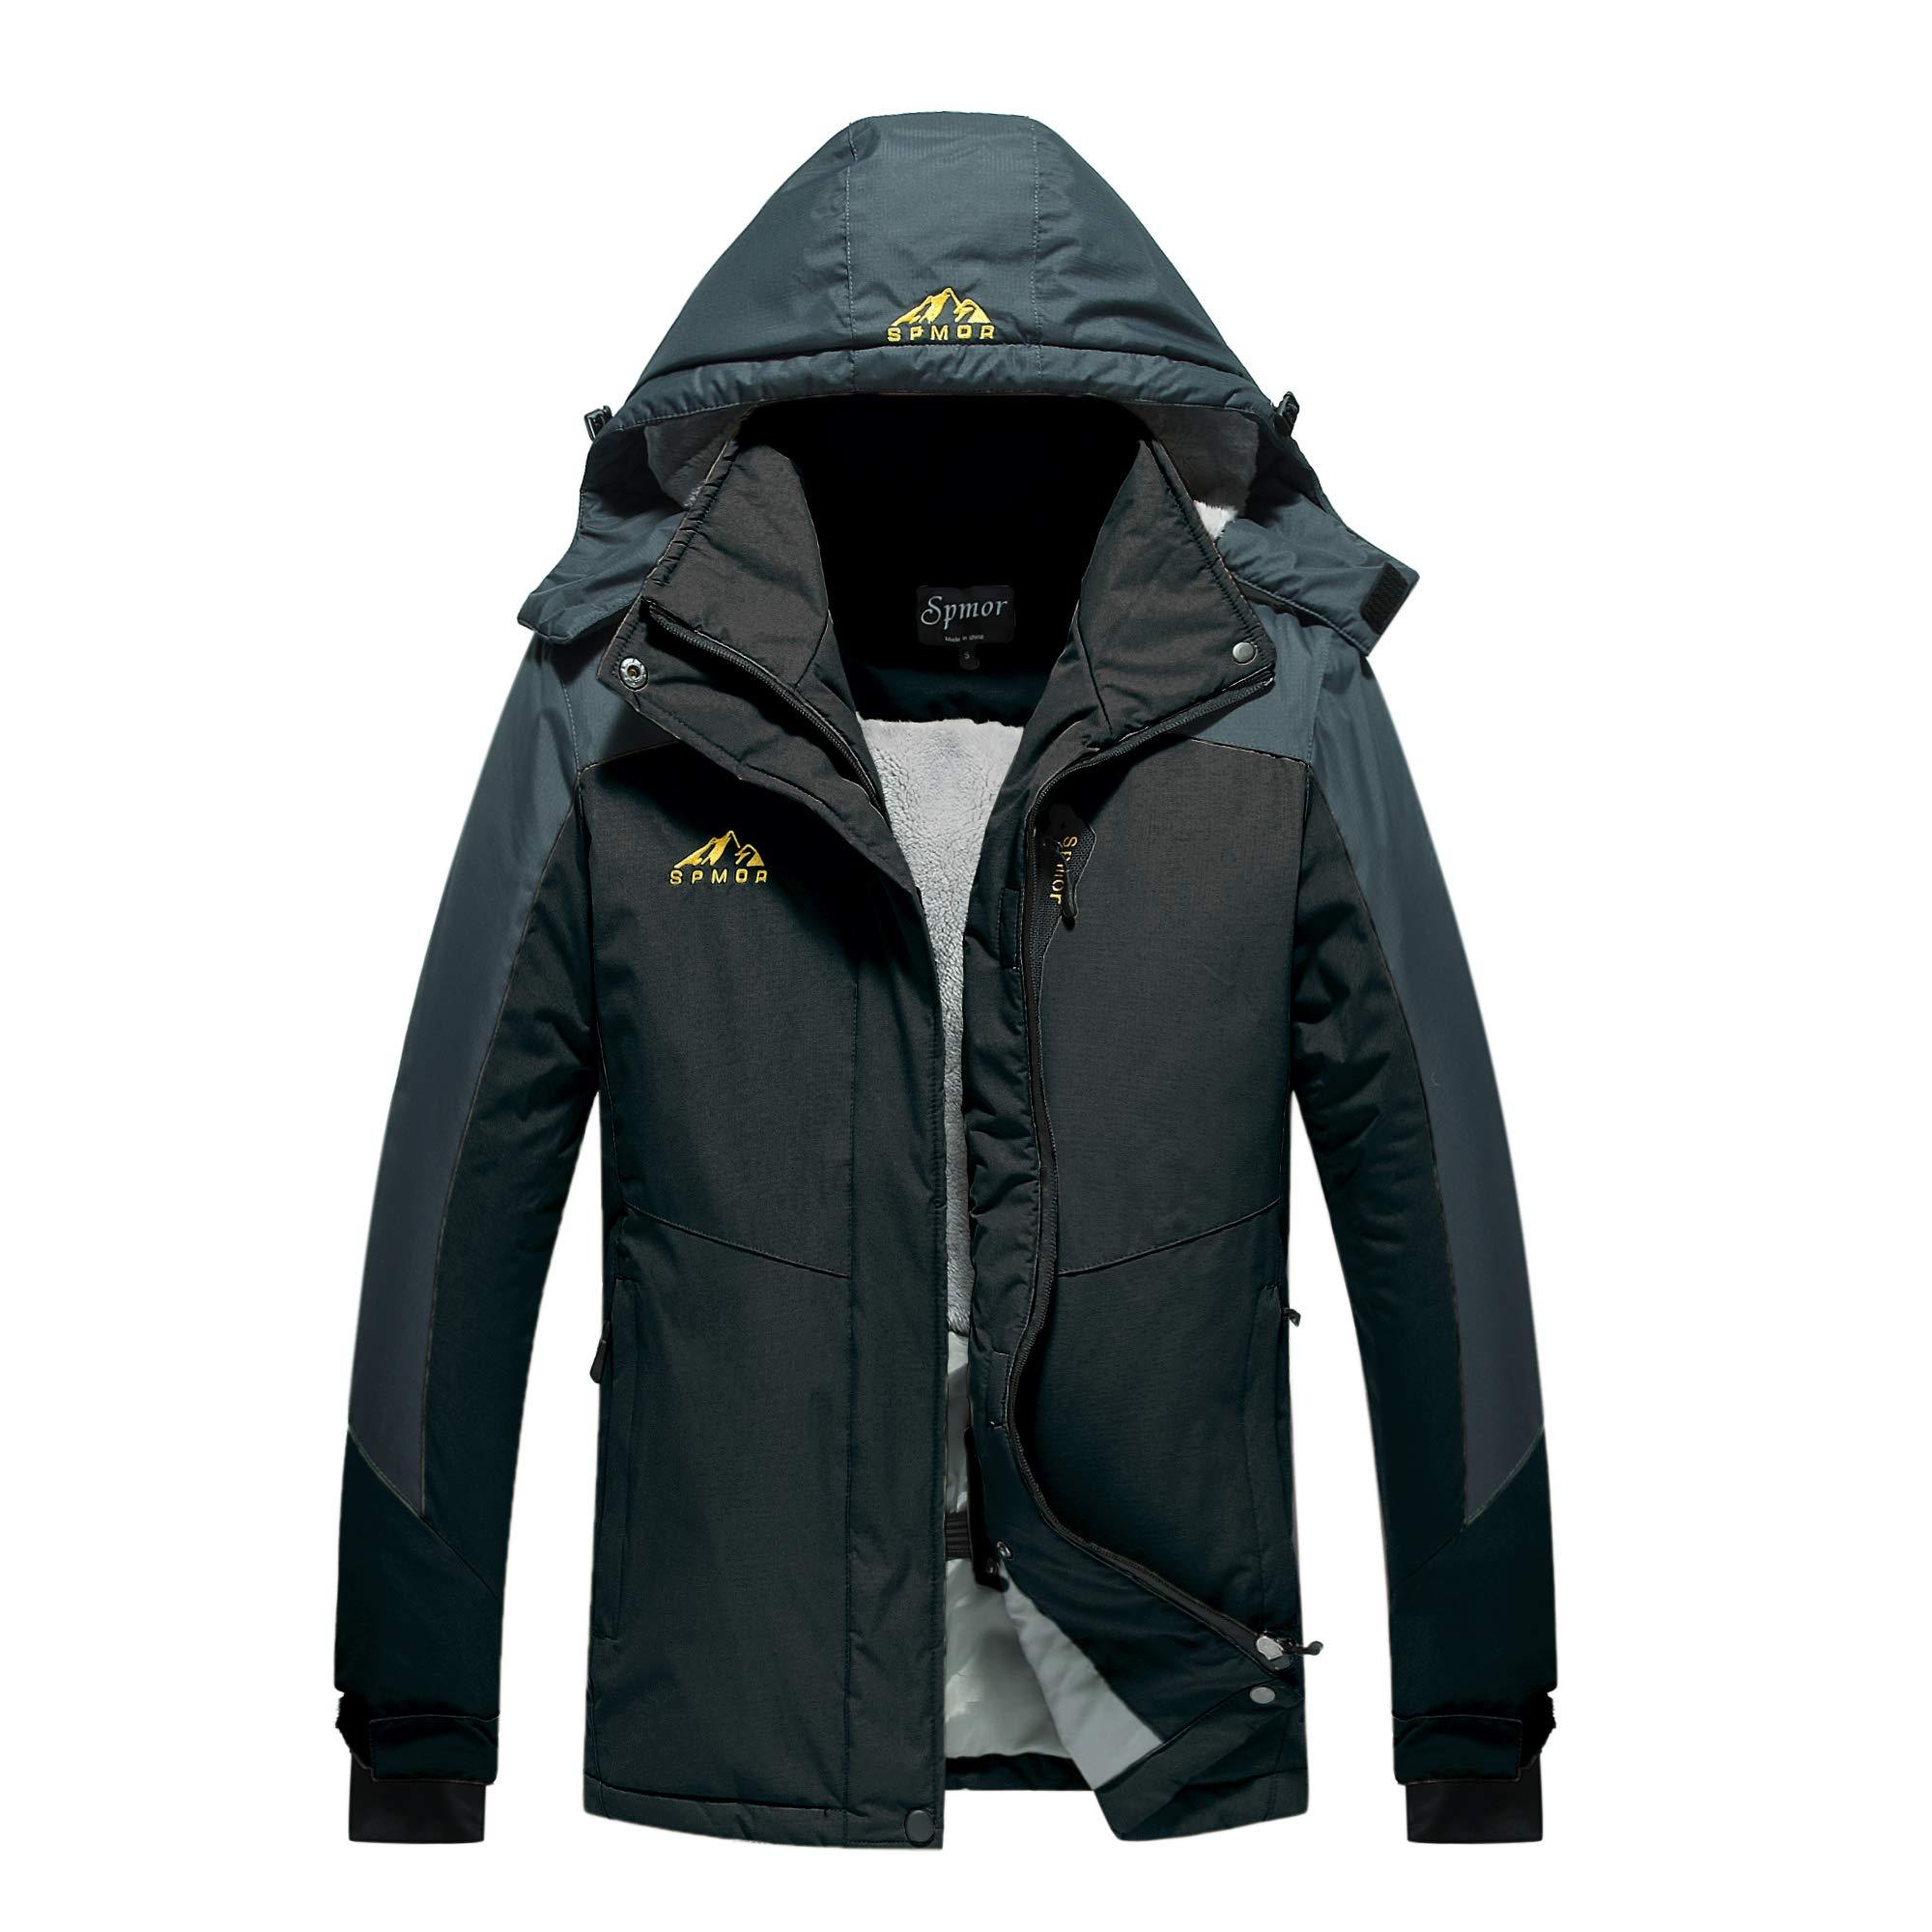 Spmor Women's Waterproof Ski Jacket Mountain Rain Winter Coat Windproof Skin Hooded Jacket